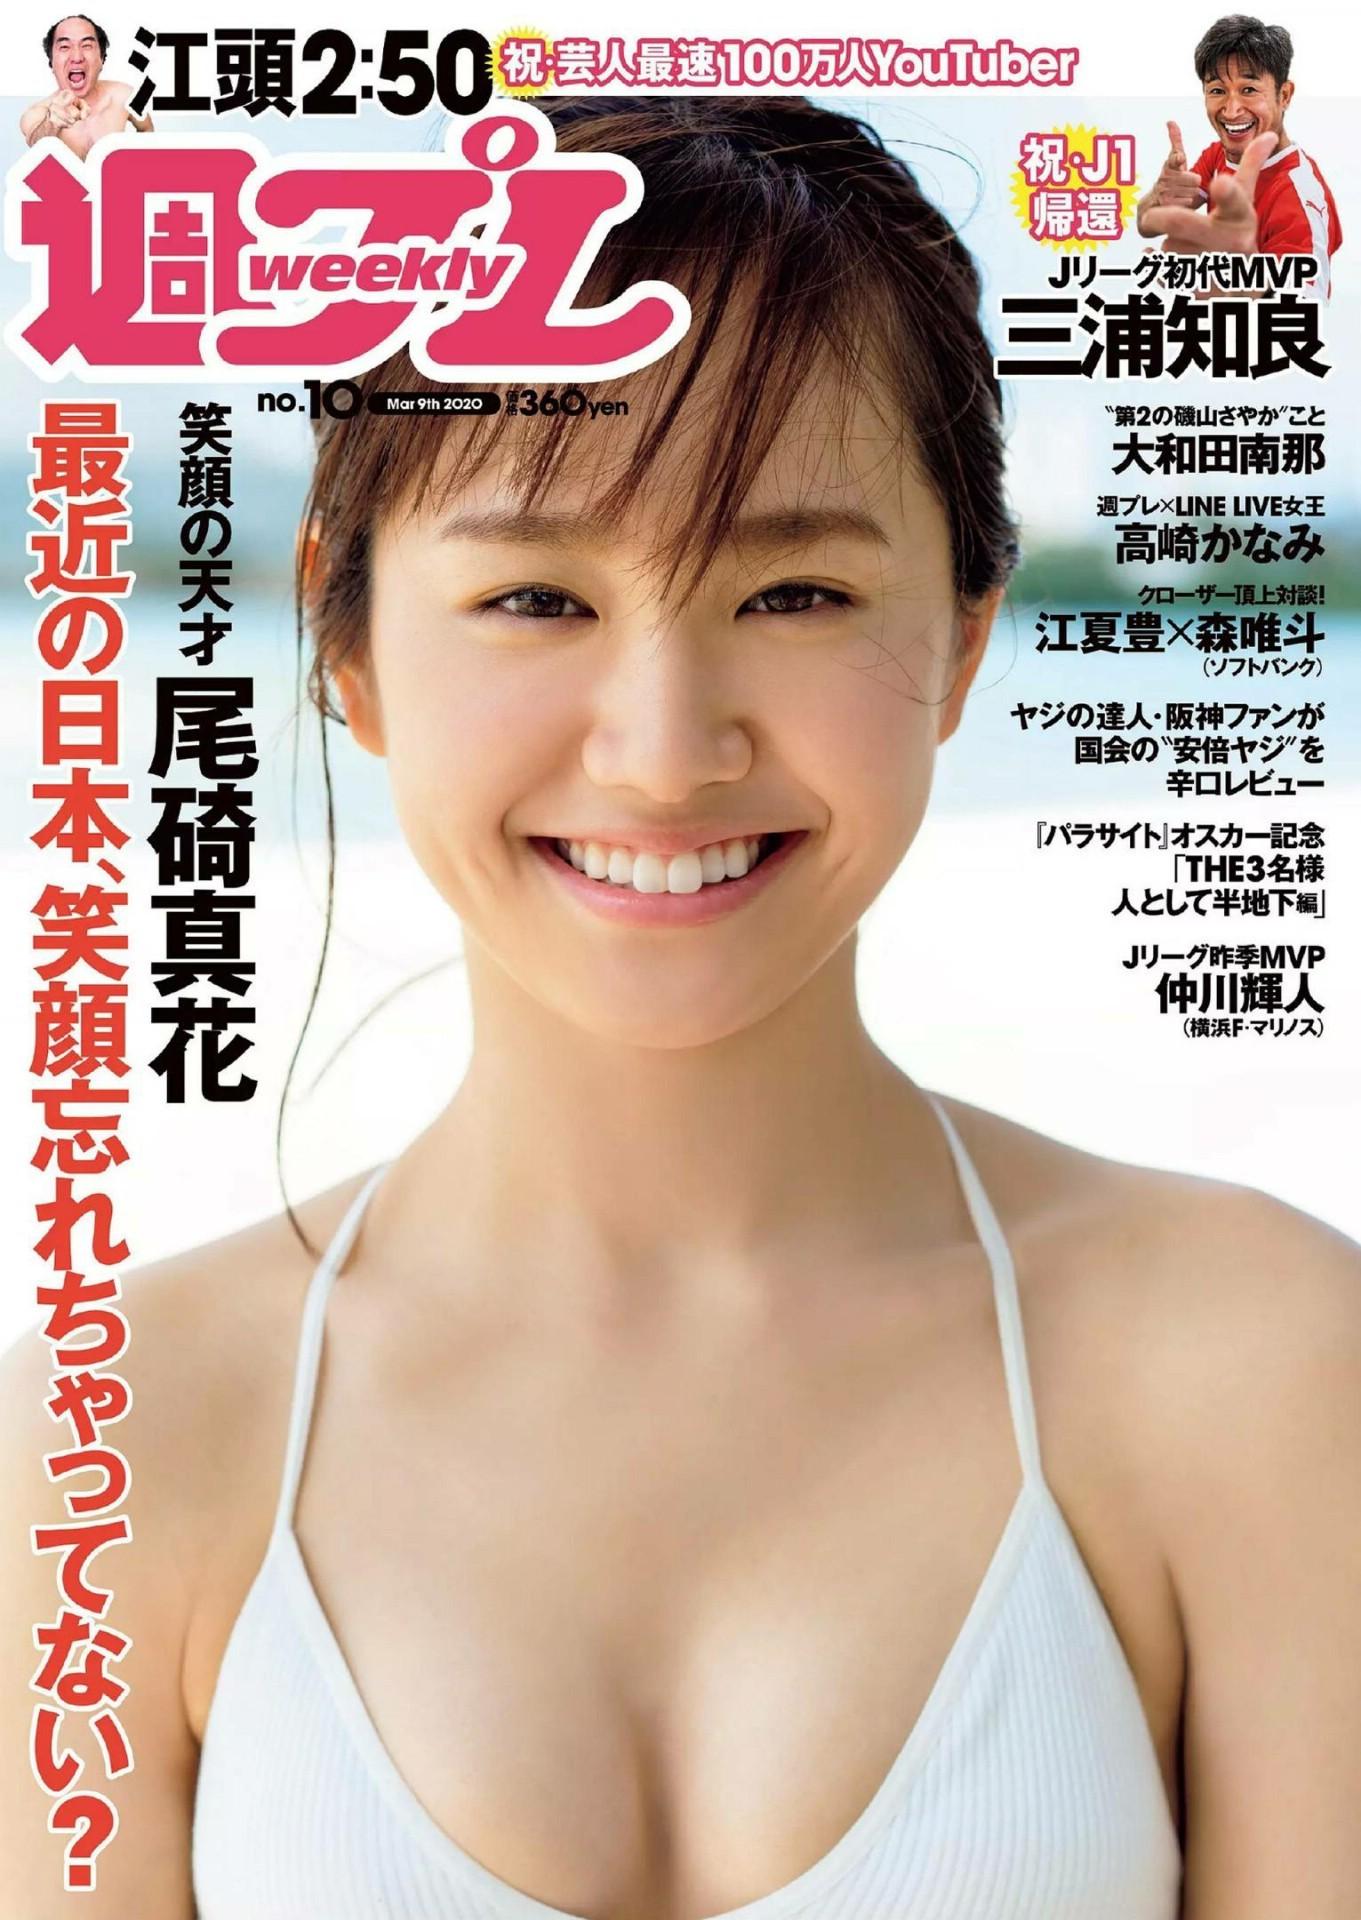 大和田南那 高崎加奈美 吉田莉樱 Weekly Playboy